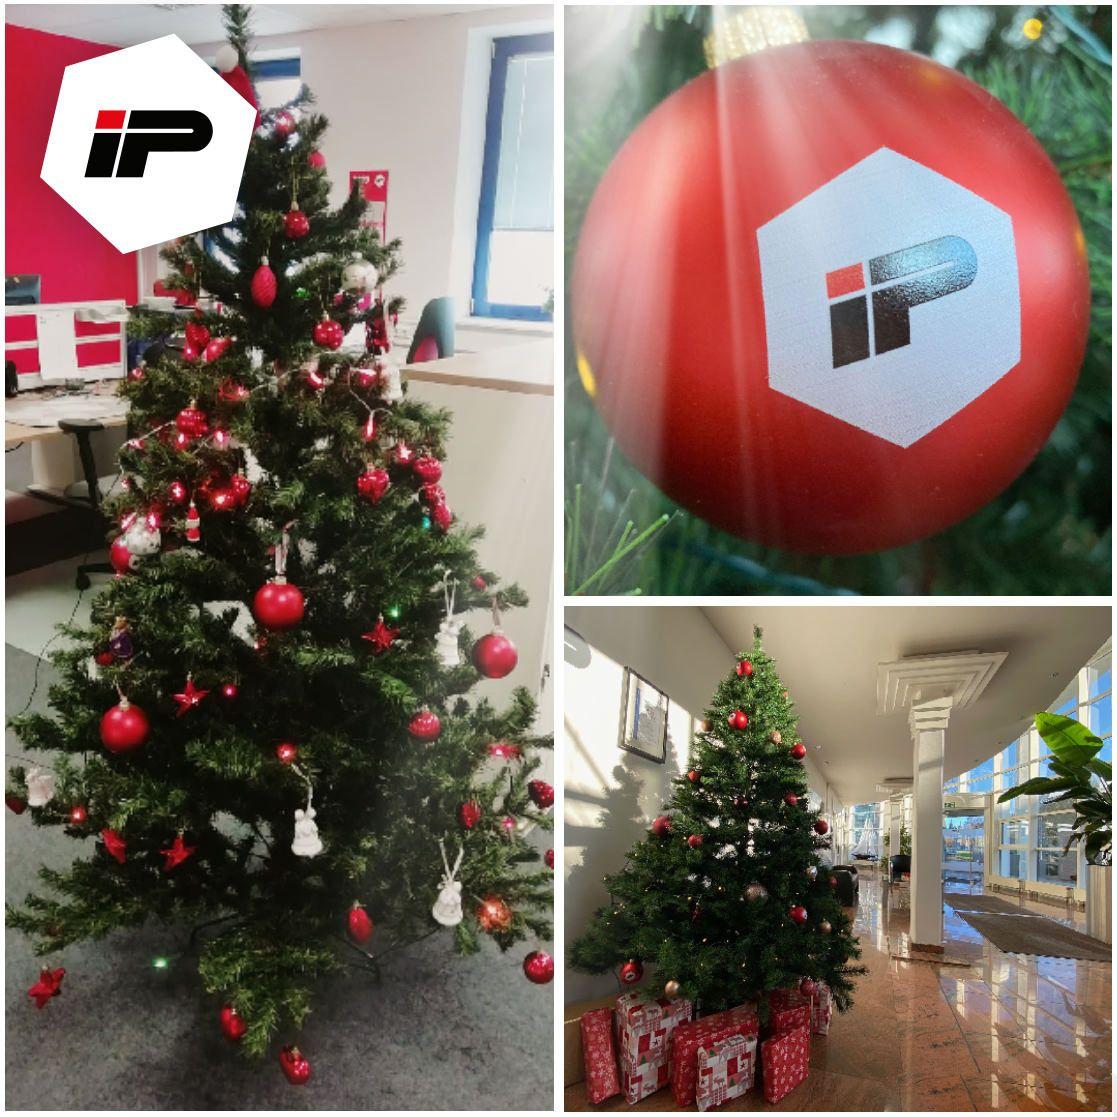 IP wünscht eine erholsame Weihnachtszeit